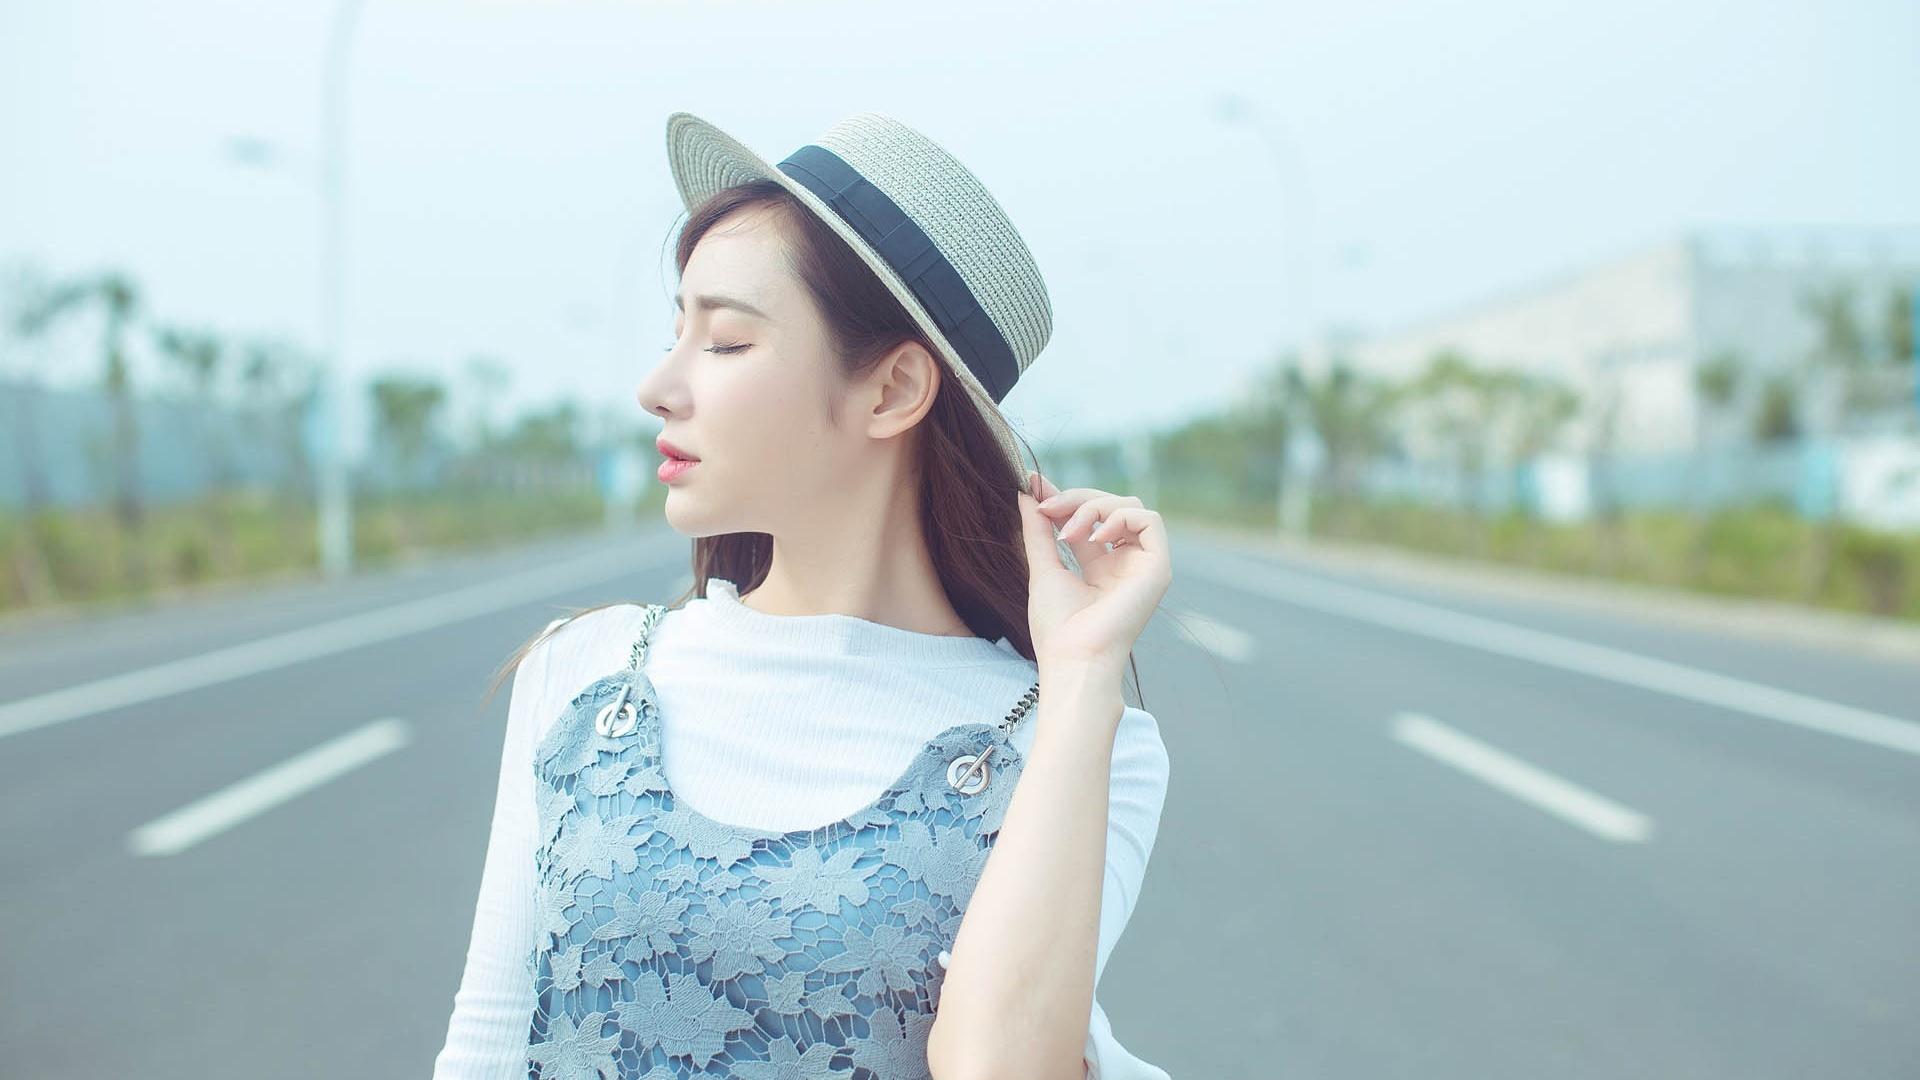 苏飞。com